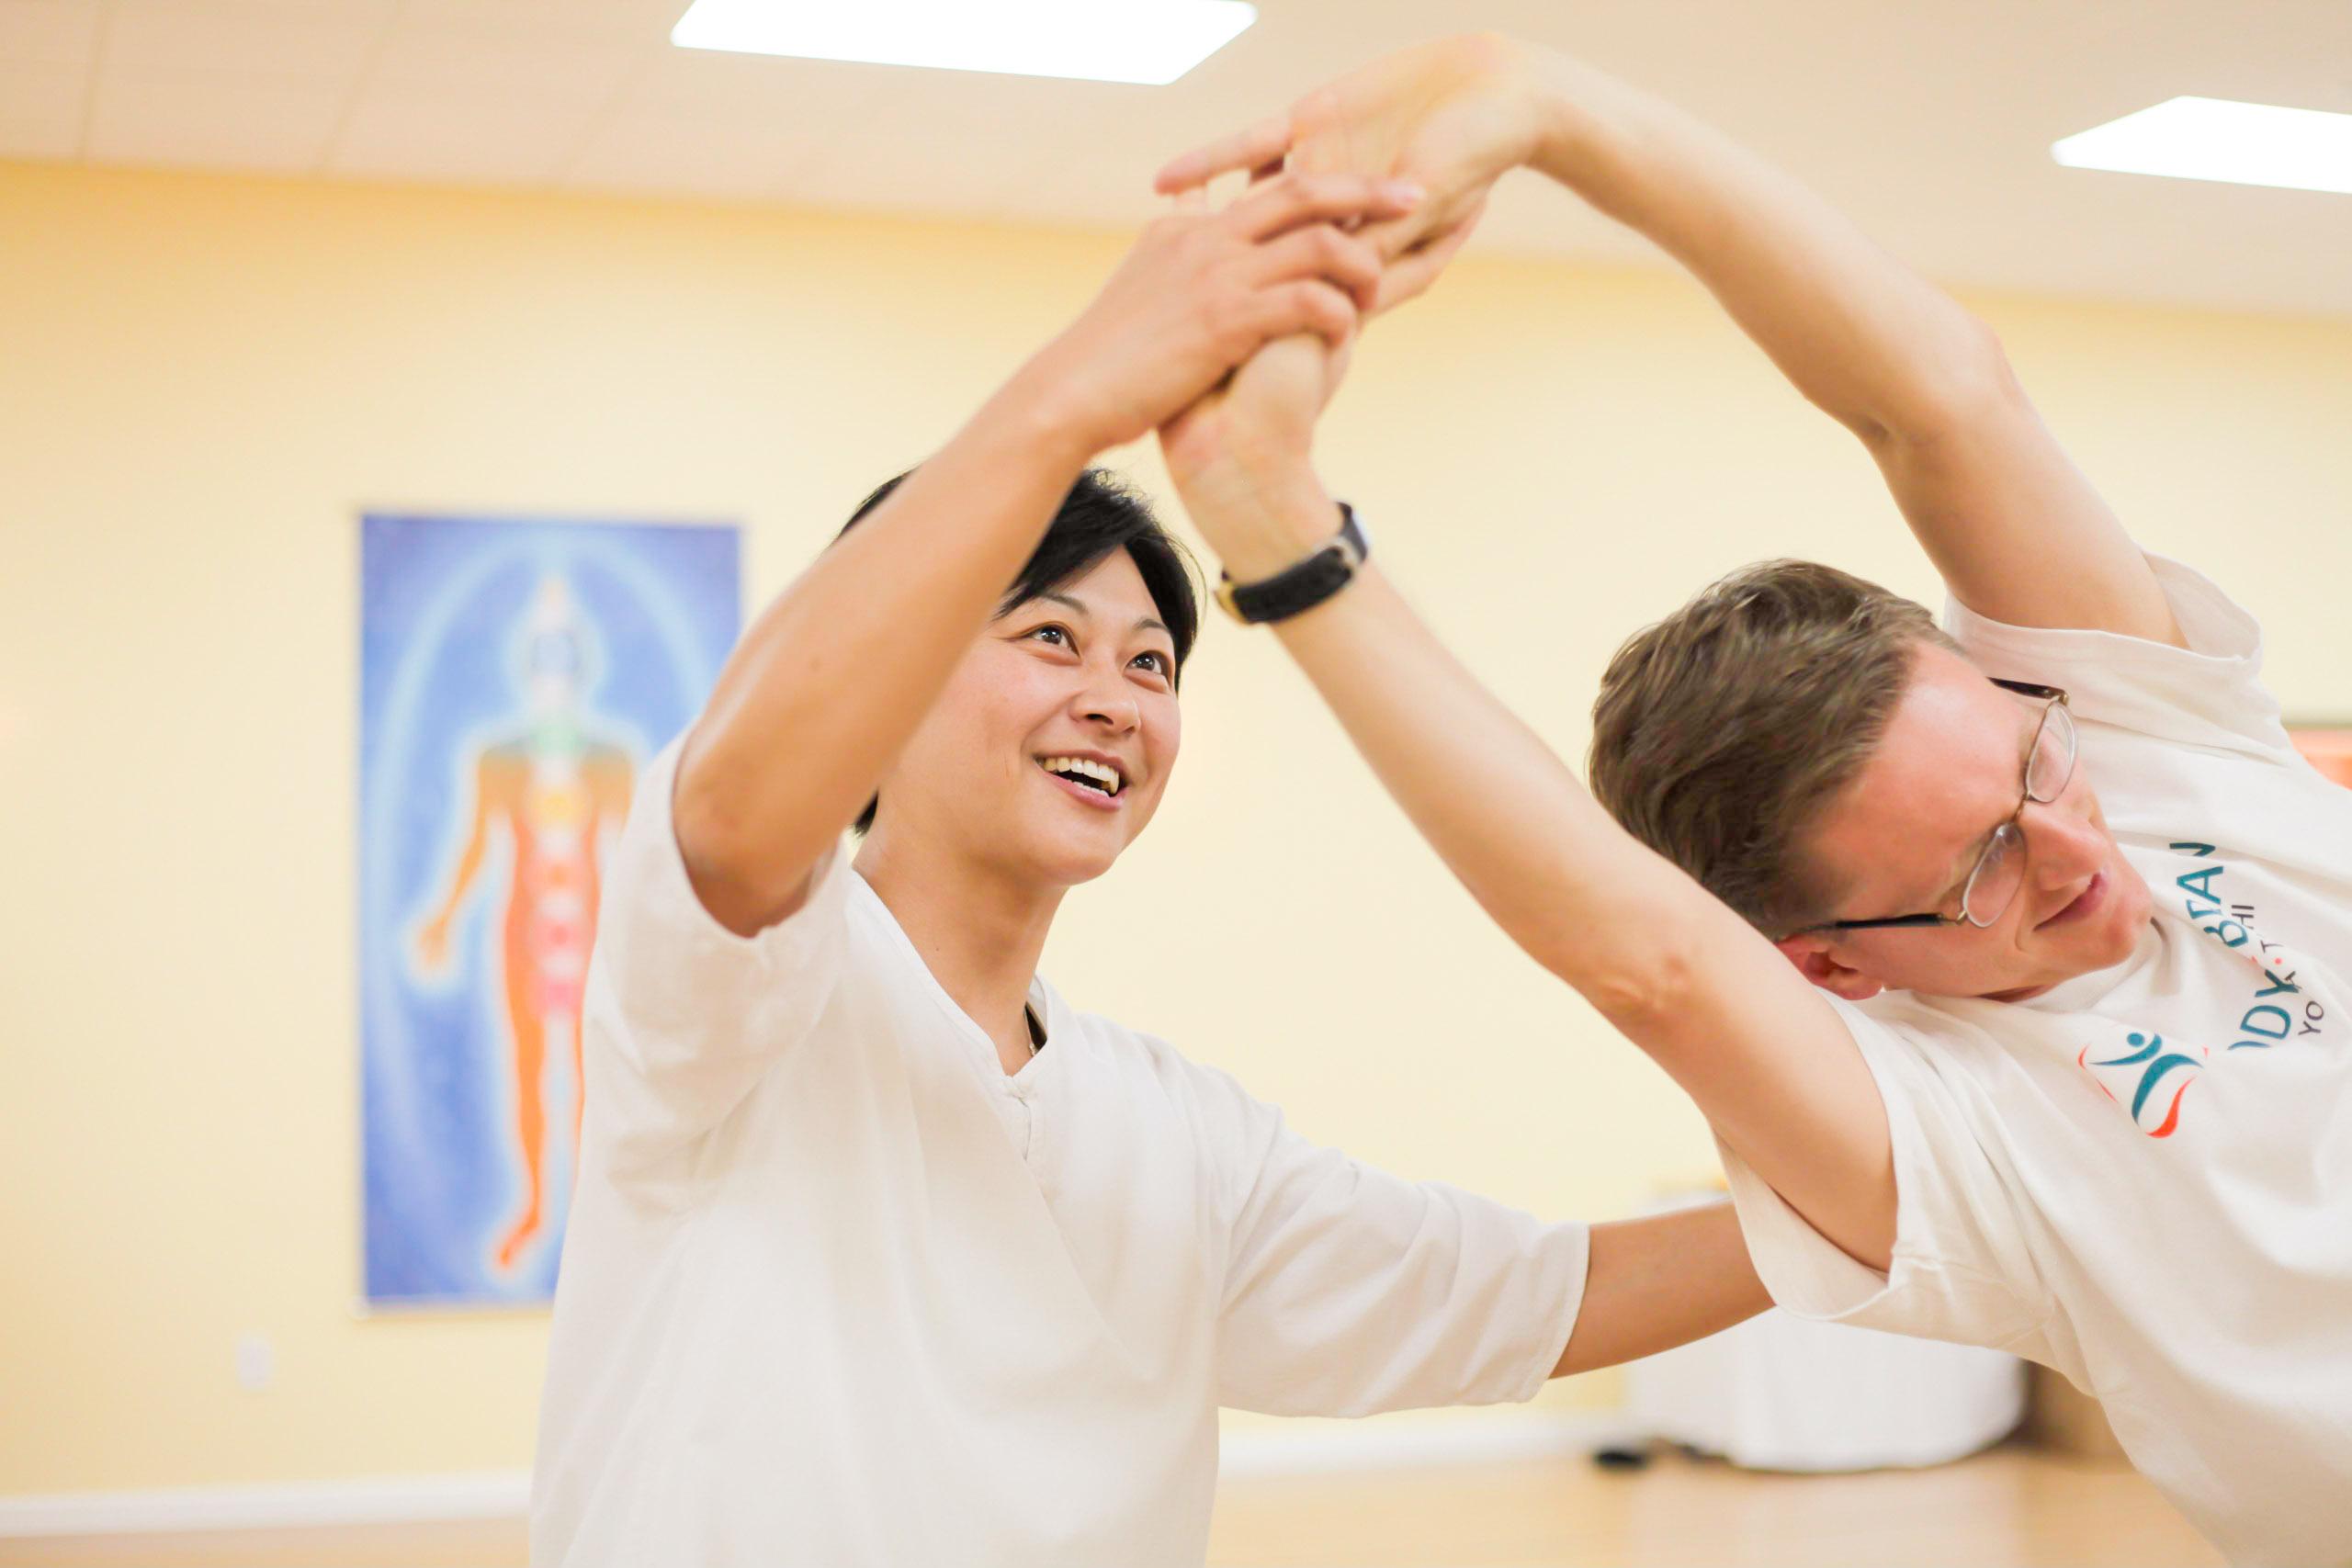 Personal Health Coaching Energy Healing